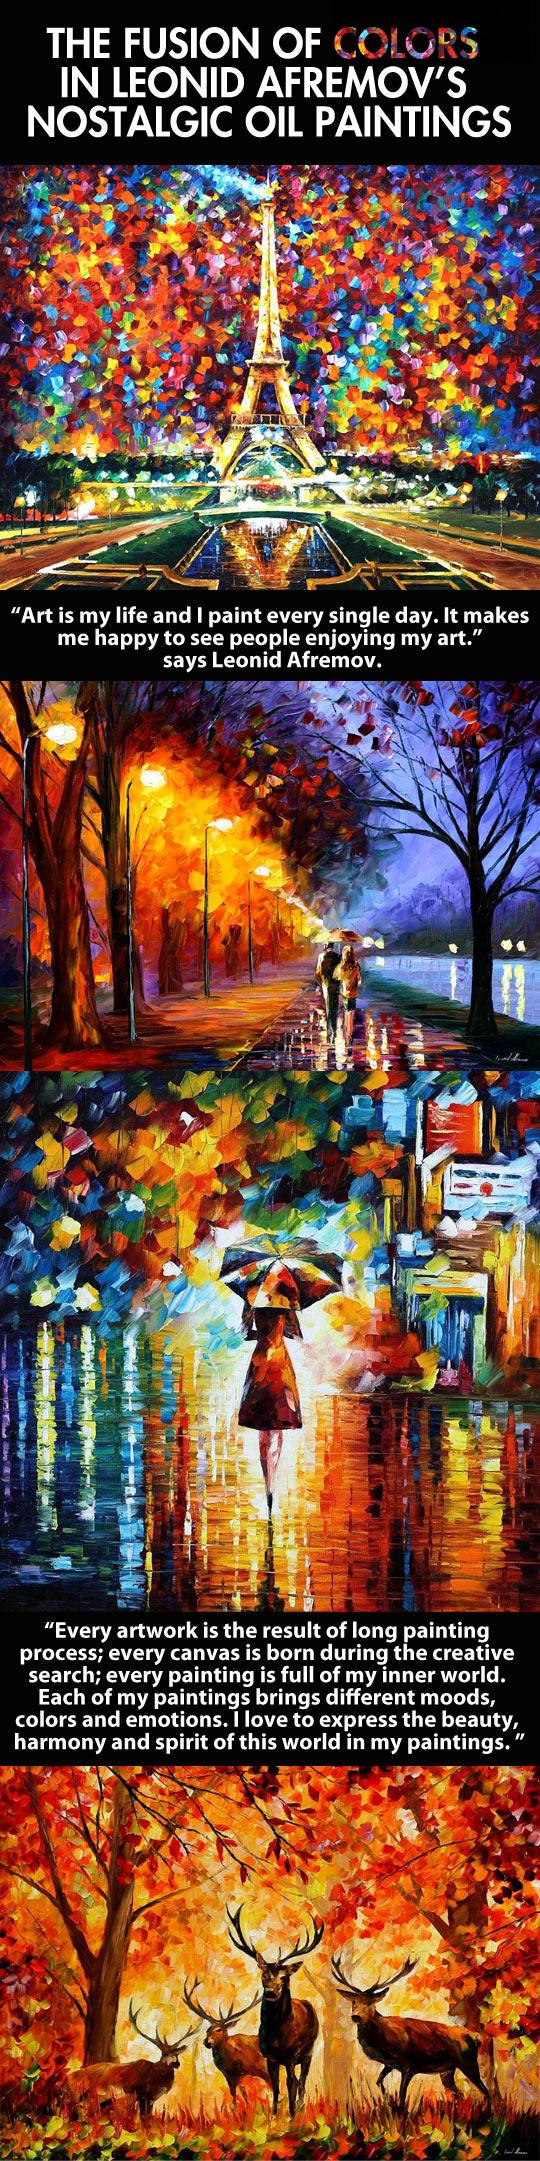 Nostalgic Oil Paintings